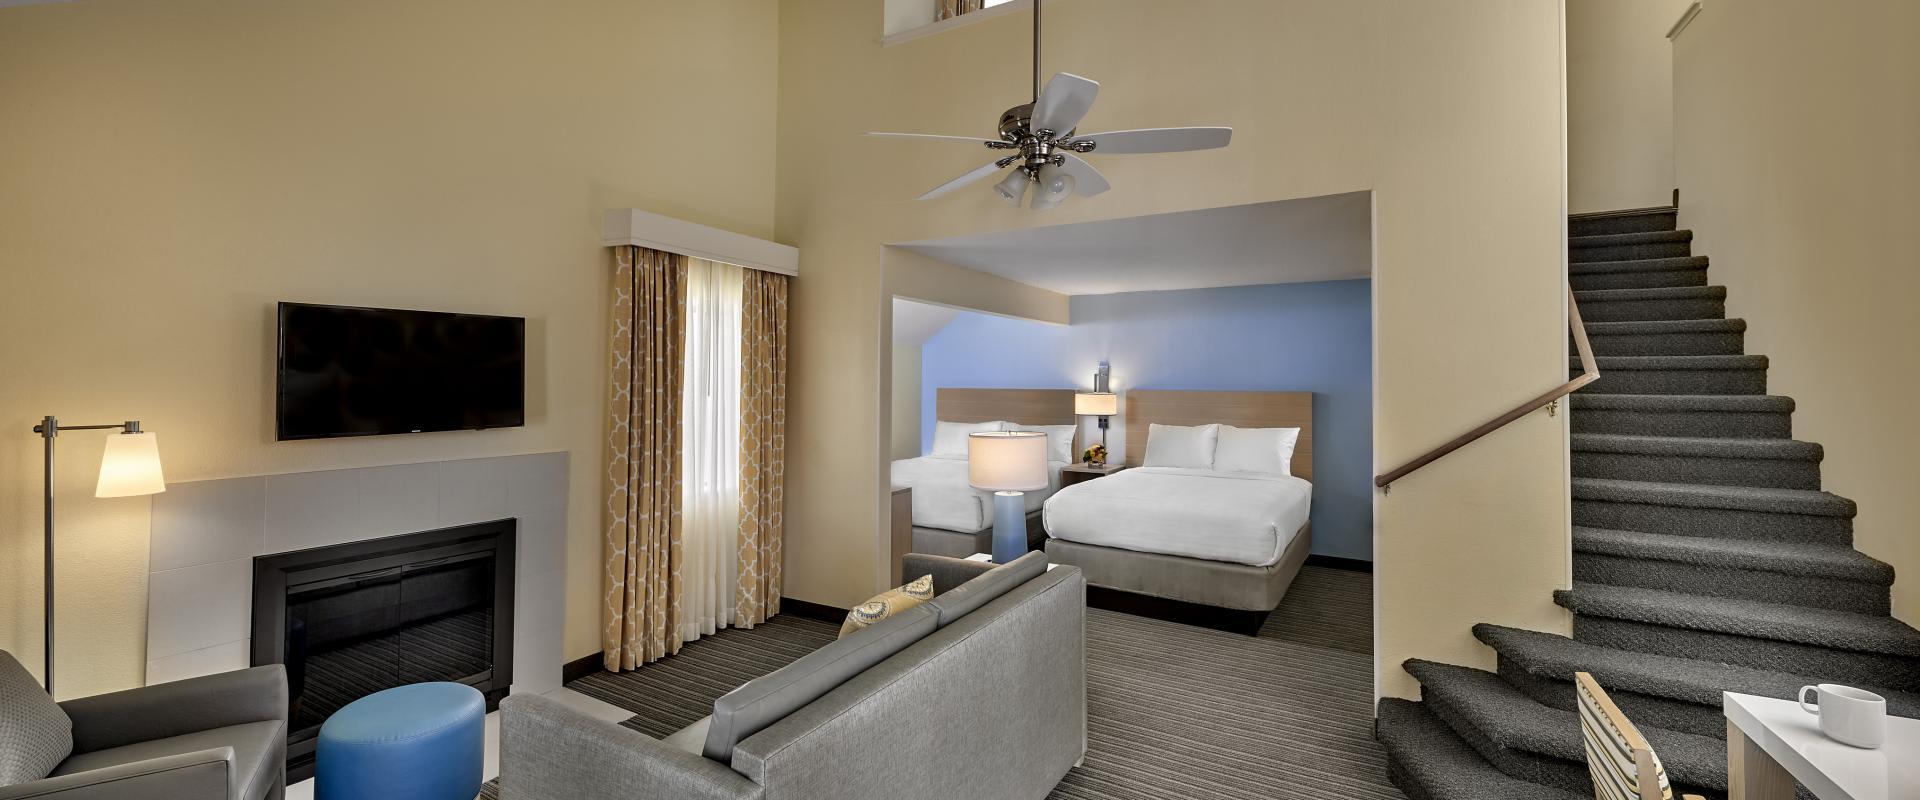 Two Bedroom Loft Suite